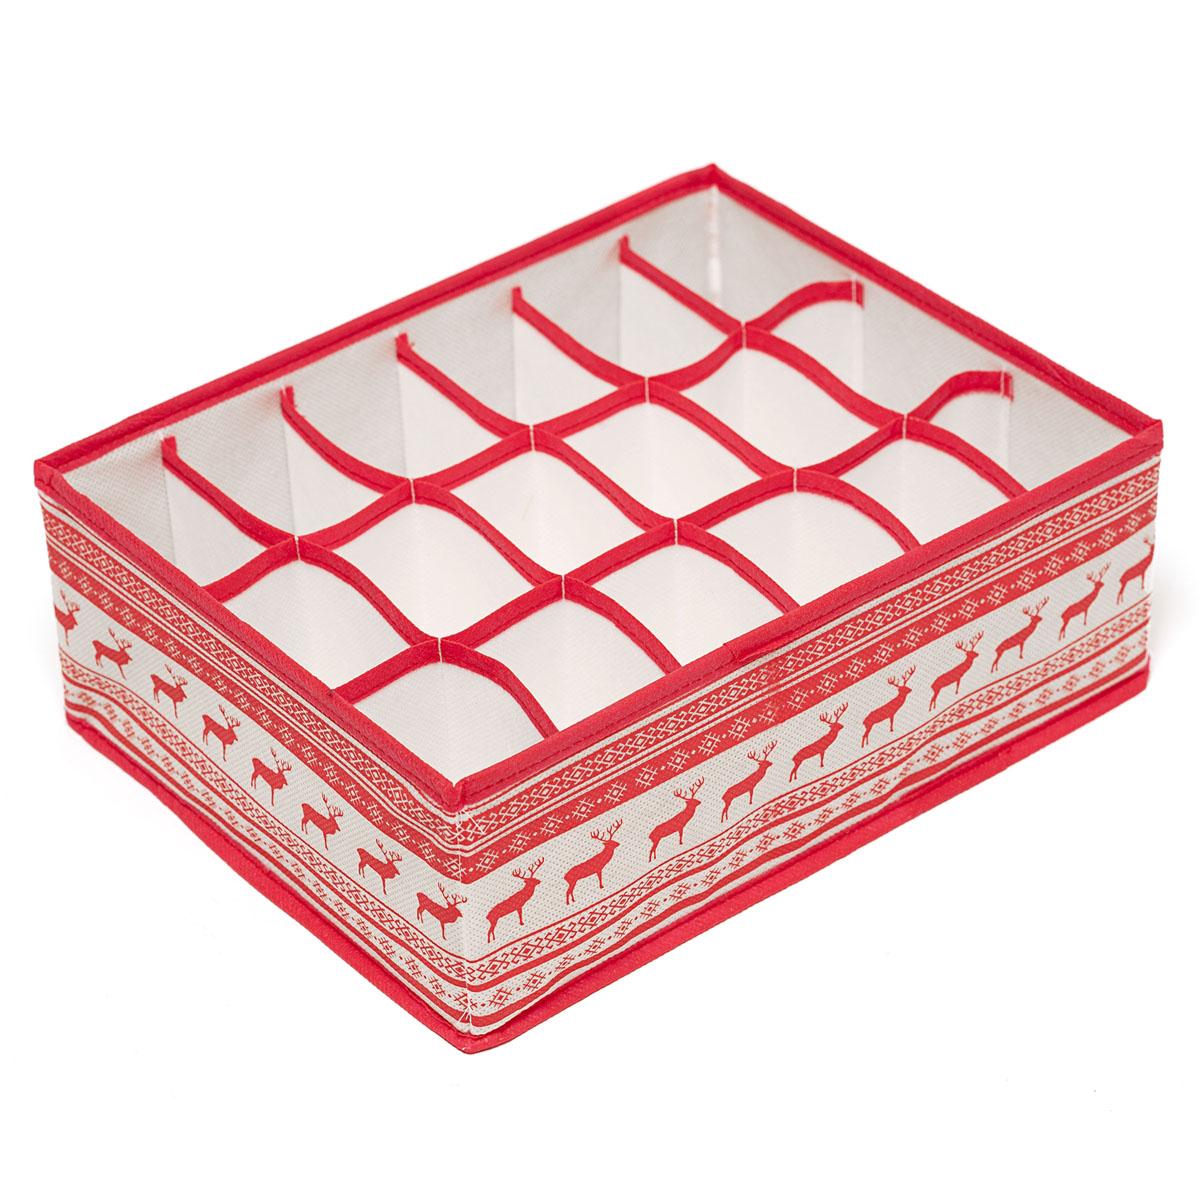 Органайзер для хранения вещей Homsu Scandinavia, 18 секций, 31 х 24 х 11 смHOM-130Компактный складной органайзер Homsu Scandinavia изготовлен из высококачественного полиэстера, который обеспечивает естественную вентиляцию. Материал позволяет воздуху свободно проникать внутрь, но не пропускает пыль. Органайзер отлично держит форму, благодаря вставкам из плотного картона. Изделие имеет 18 квадратных секций для хранения носков, платков, галстуков и других вещей.Такой органайзер позволит вам хранить вещи компактно и удобно.Размер секции: 7 х 5 см.